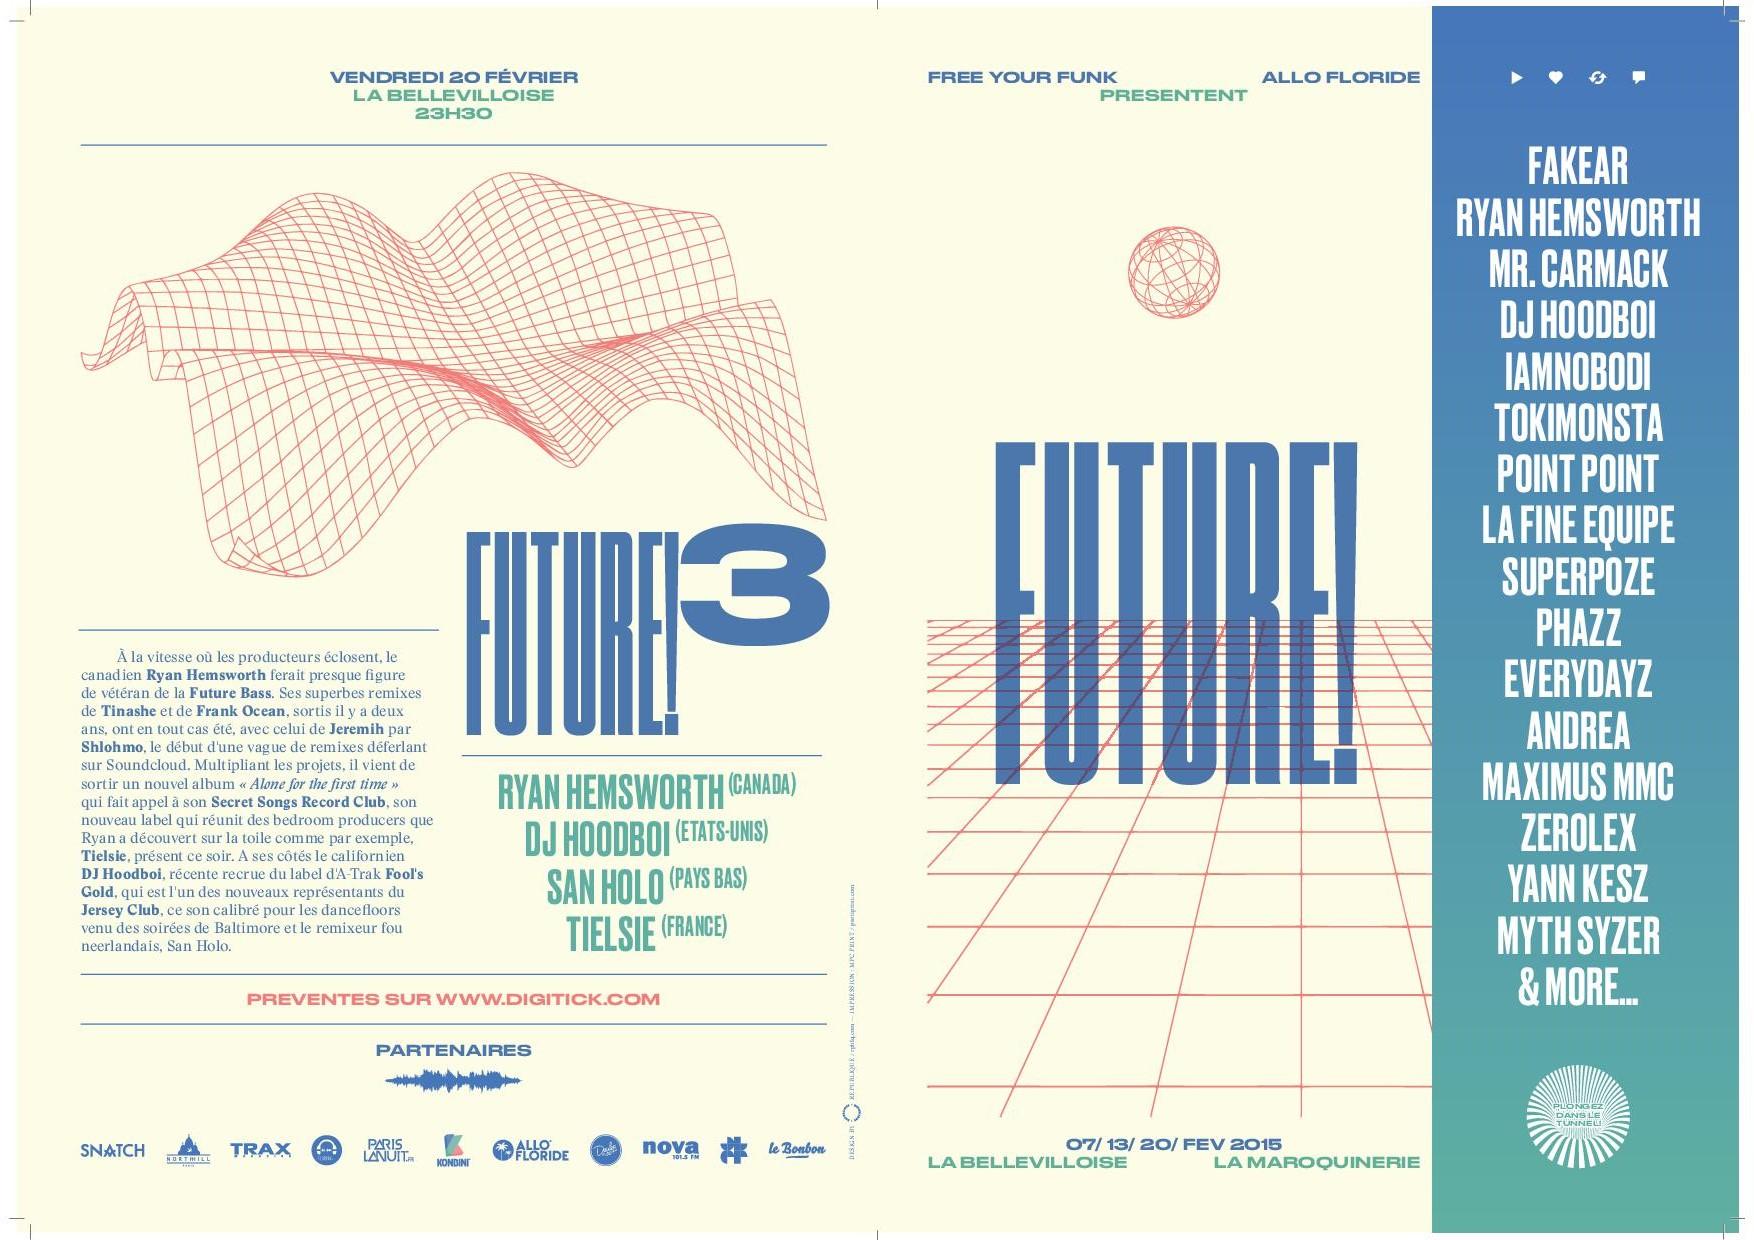 Concours : gagnez 2 places pour le festival Future! #3 à Paris